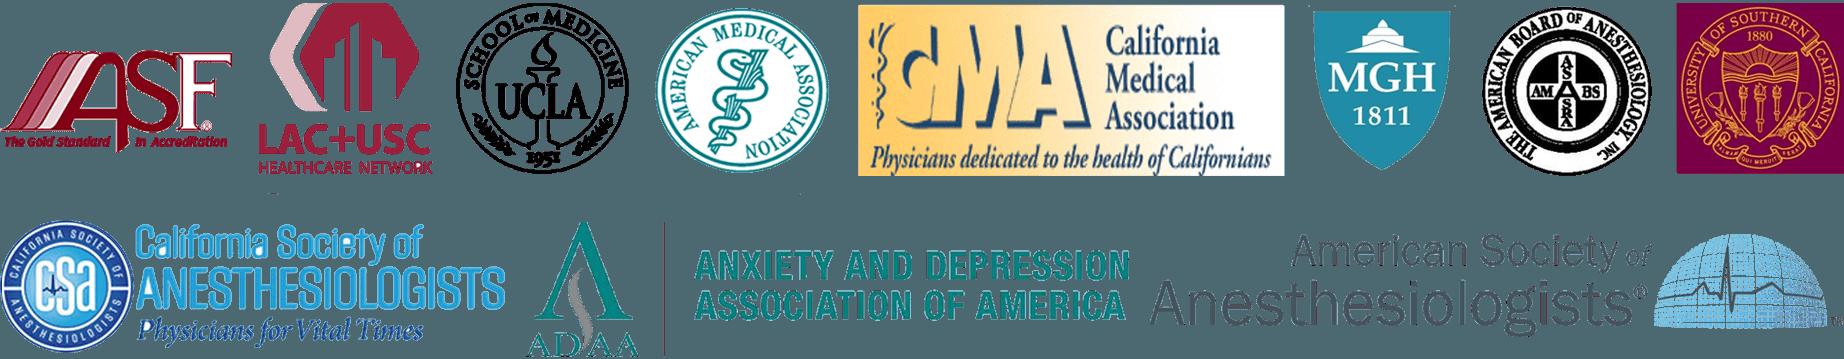 Dr. Steven L. Mandel's Achievements | Ketamine Clinic of Los Angeles